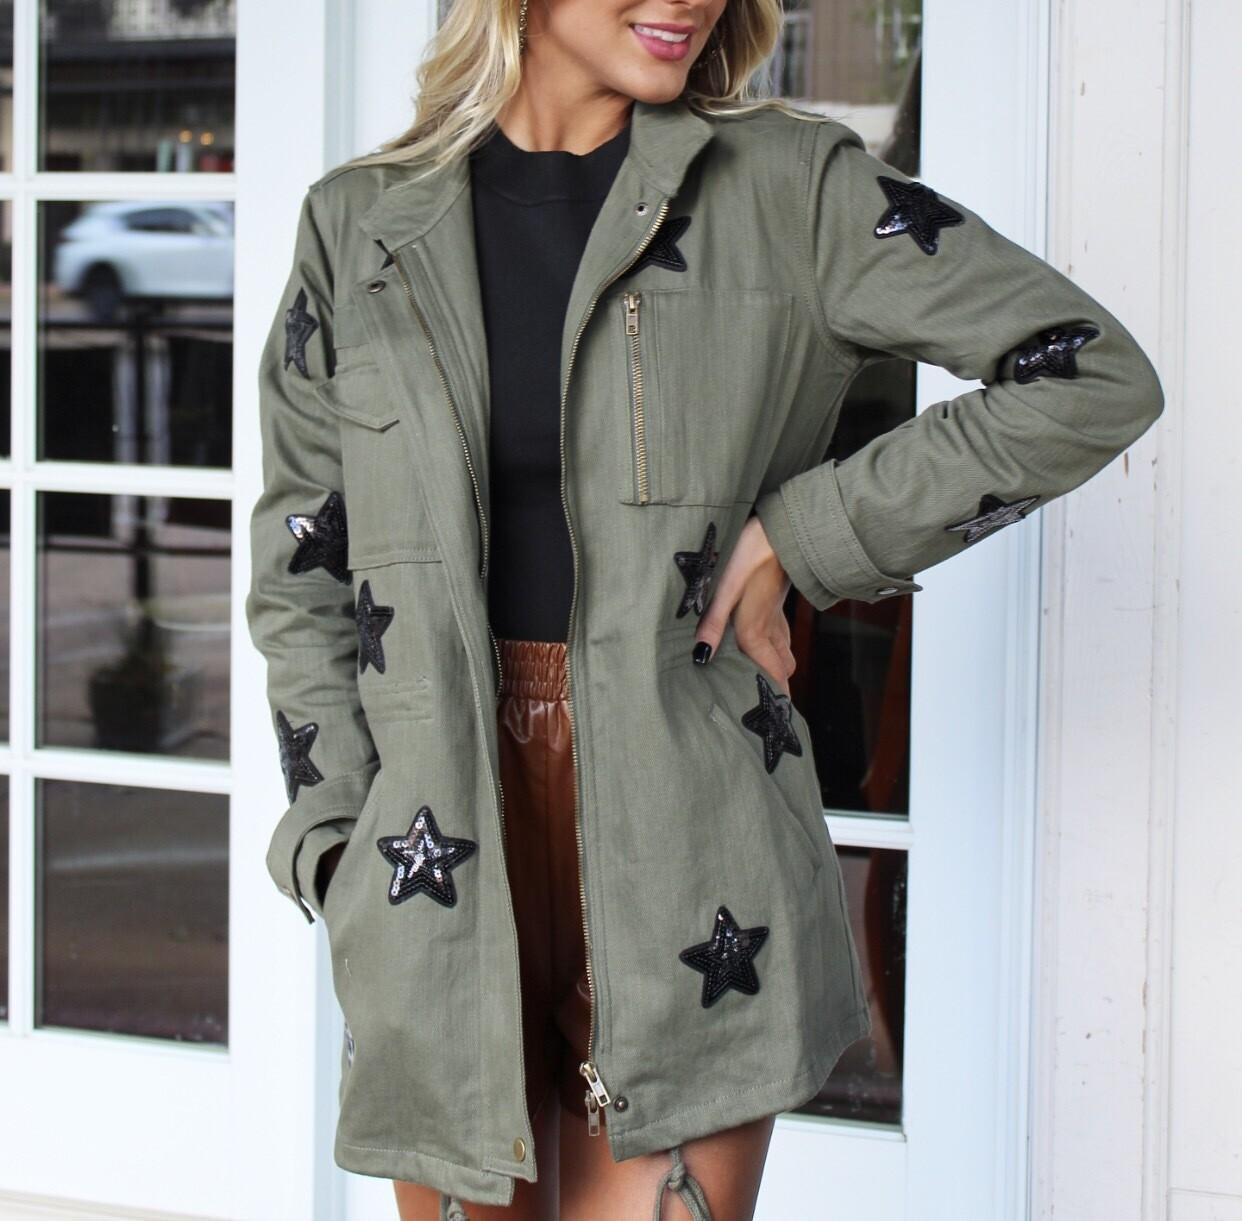 Army Star Jacket